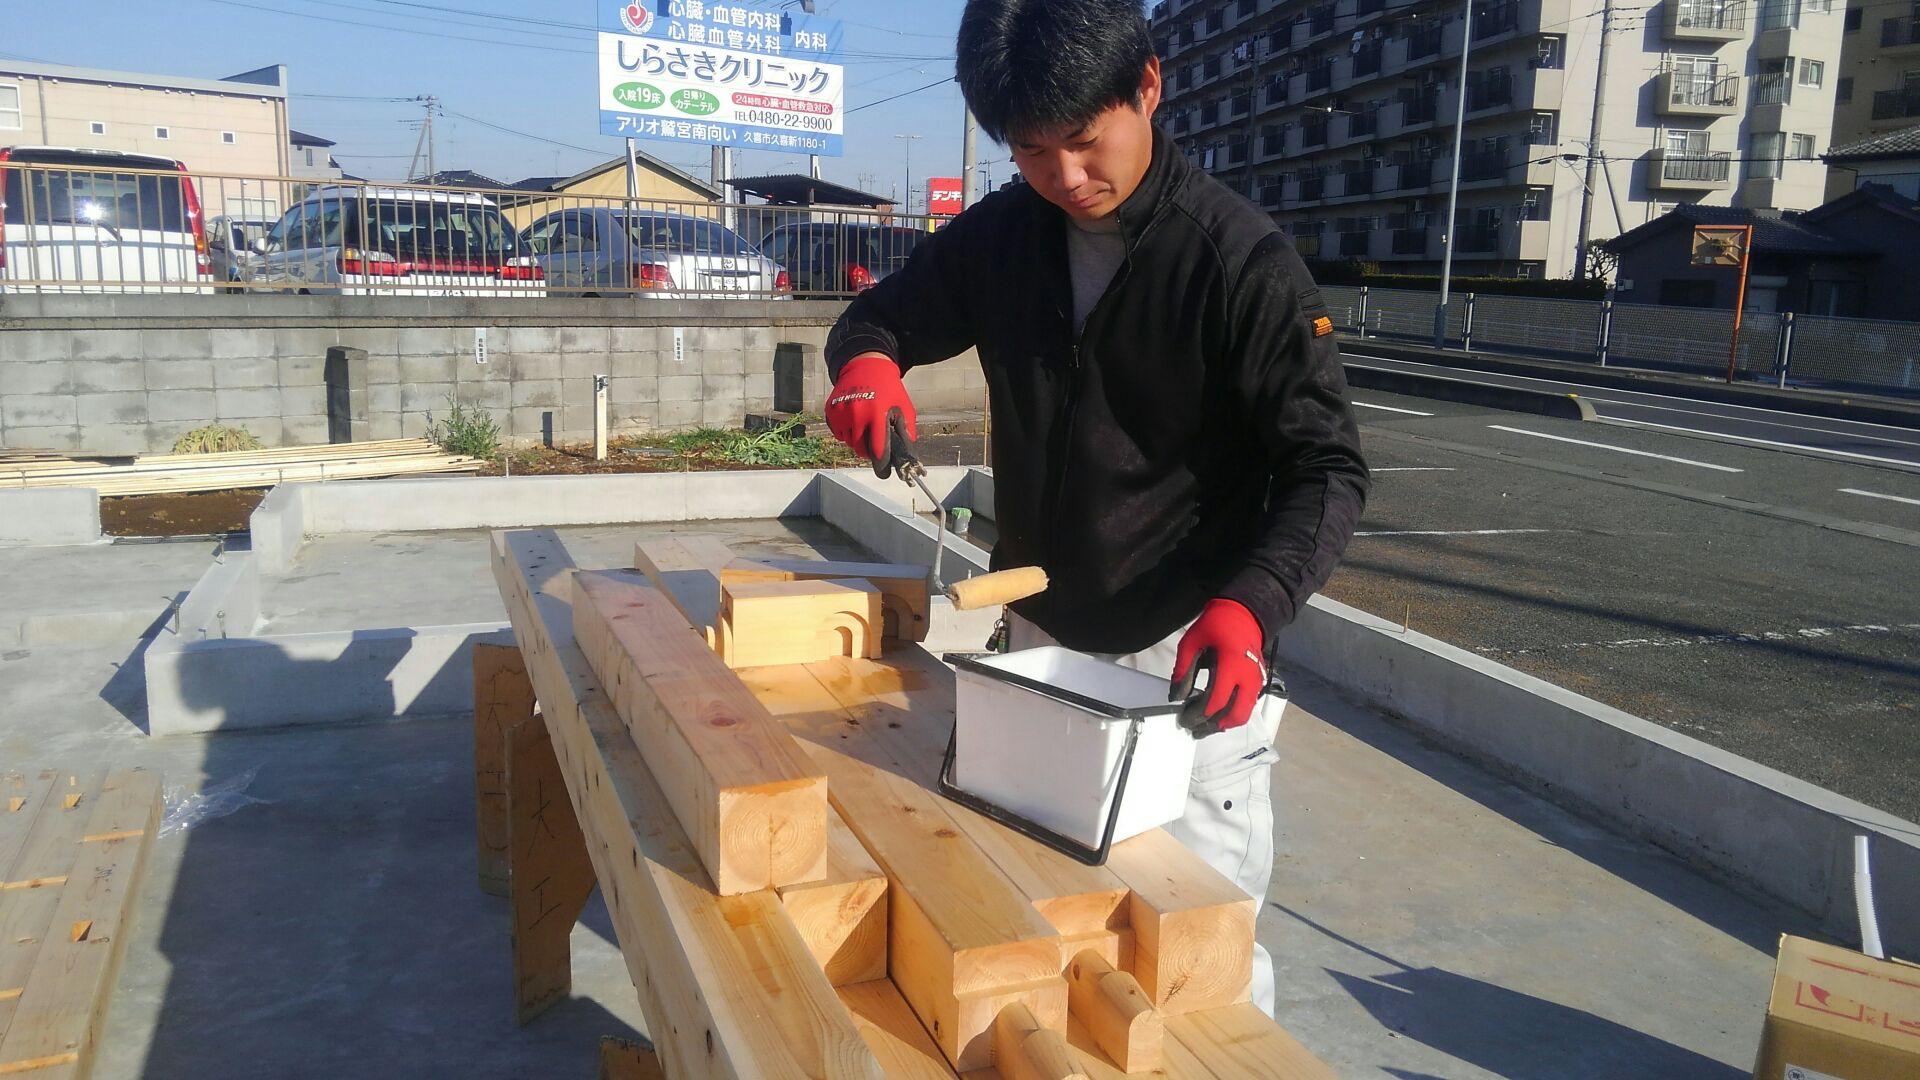 基礎工事が終わり、大工さんが土台敷きにきました。まずはいつも通り防蟻処理剤エコボロンを土台に塗布。刷毛を使って丁寧に。